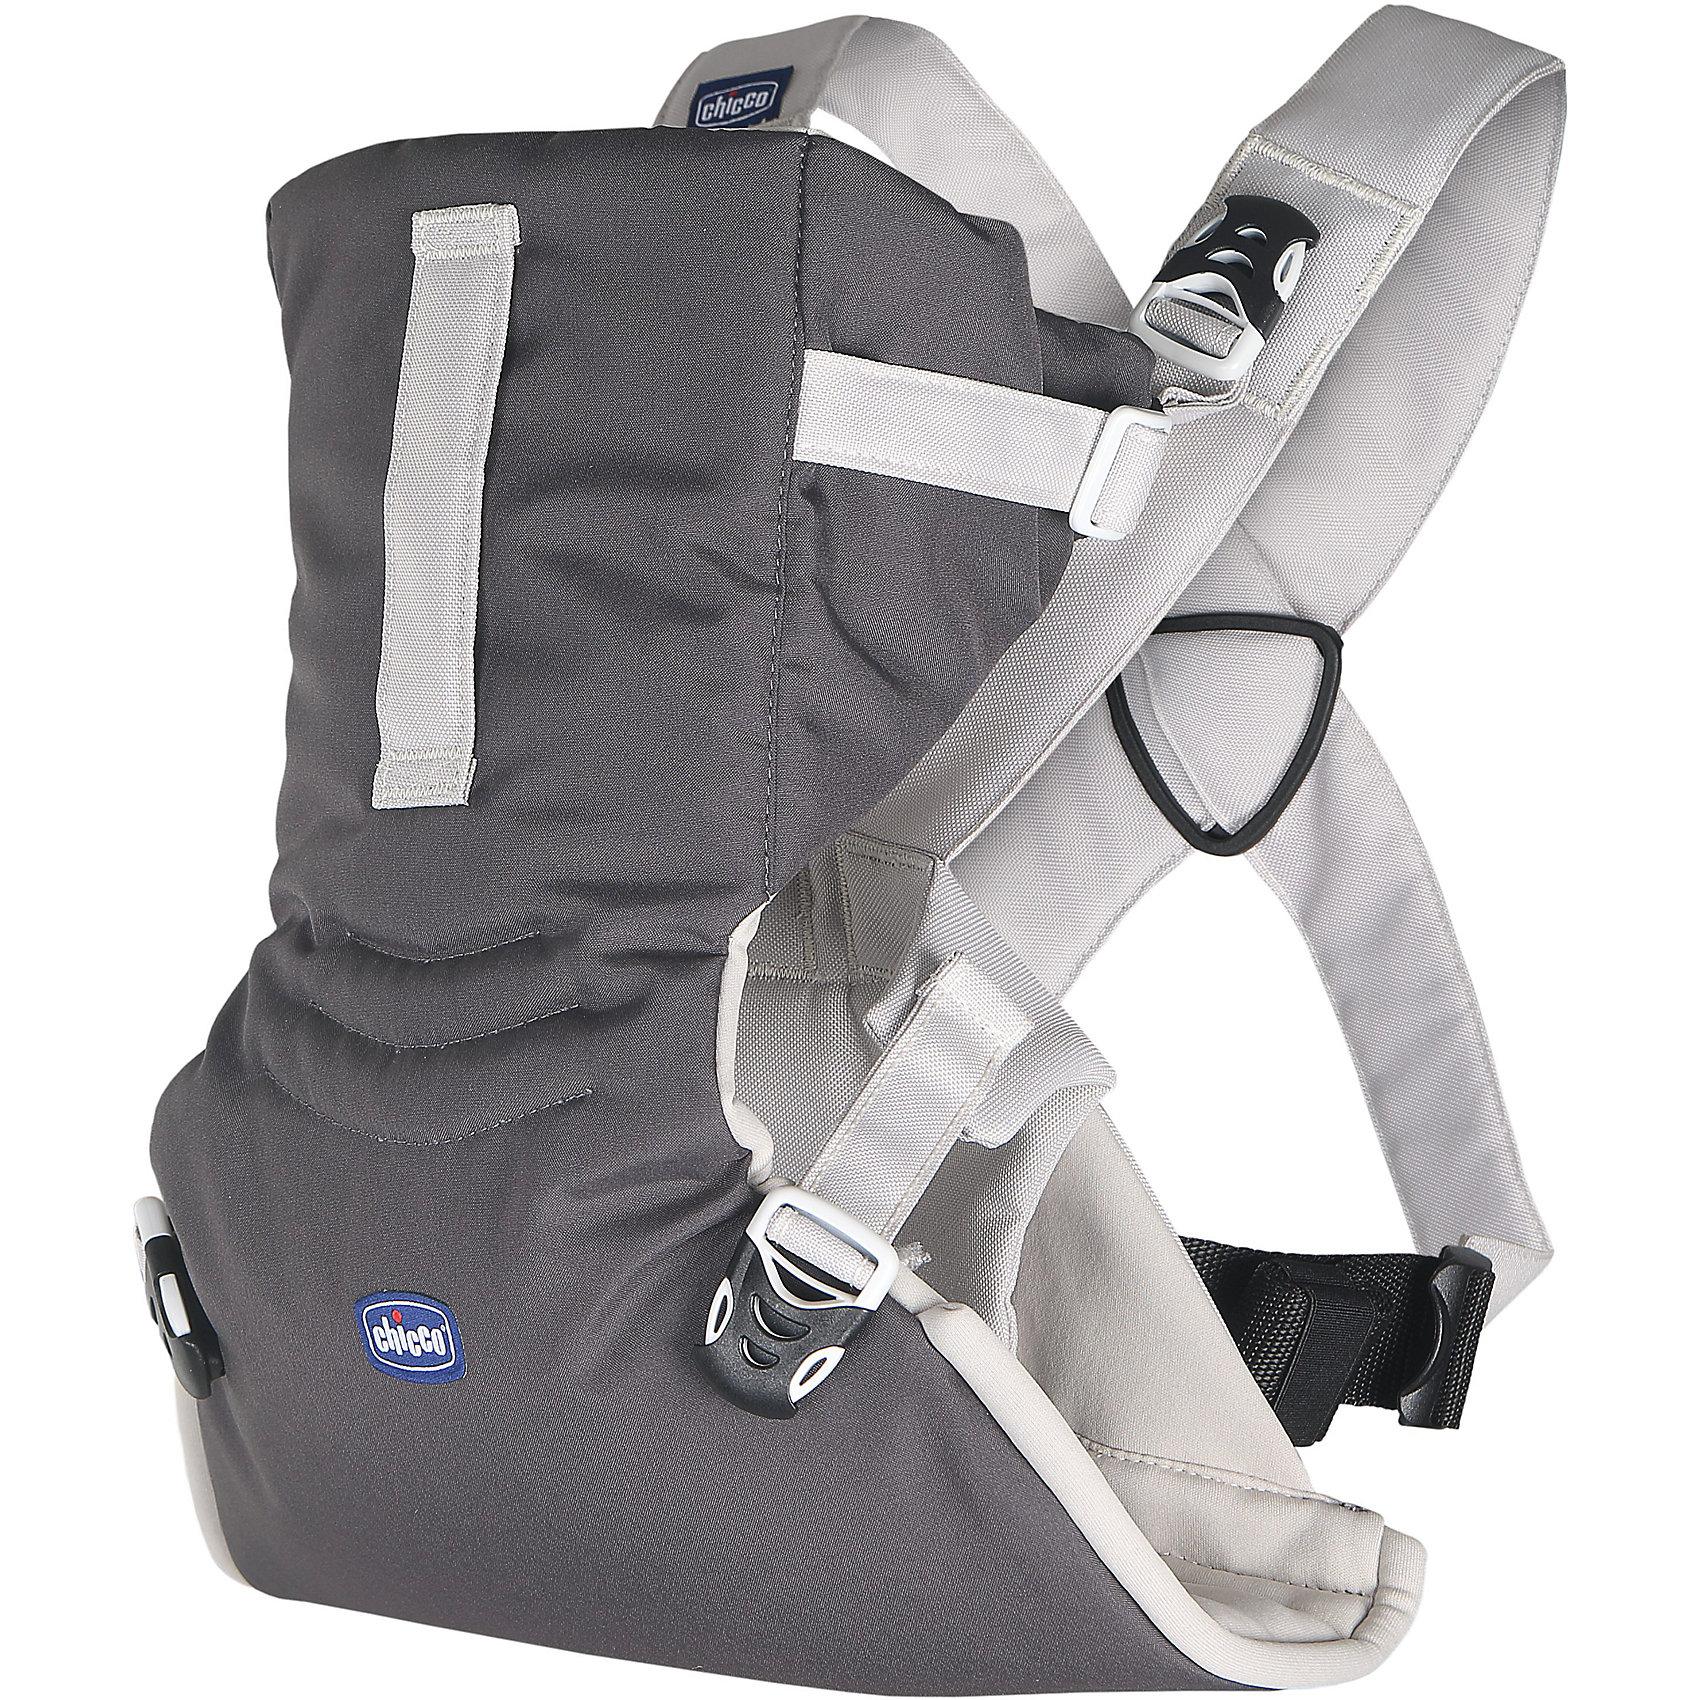 Переноска-кенгуру Easy Fit, Chicco, sandshellСлинги и рюкзаки-переноски<br>Easy Fit- комфортная и удобная переноска для малышей с рождения. Носится как футболка, имеет эргомичное сиденье, которое обеспечивает правильное положение бедер ребенка. Одним нажатием меняется из положения Лицом к родителю в Лицом вперед. Протестировано педиатрами.<br><br>Ширина мм: 160<br>Глубина мм: 110<br>Высота мм: 305<br>Вес г: 557<br>Возраст от месяцев: 0<br>Возраст до месяцев: 9<br>Пол: Унисекс<br>Возраст: Детский<br>SKU: 6682745